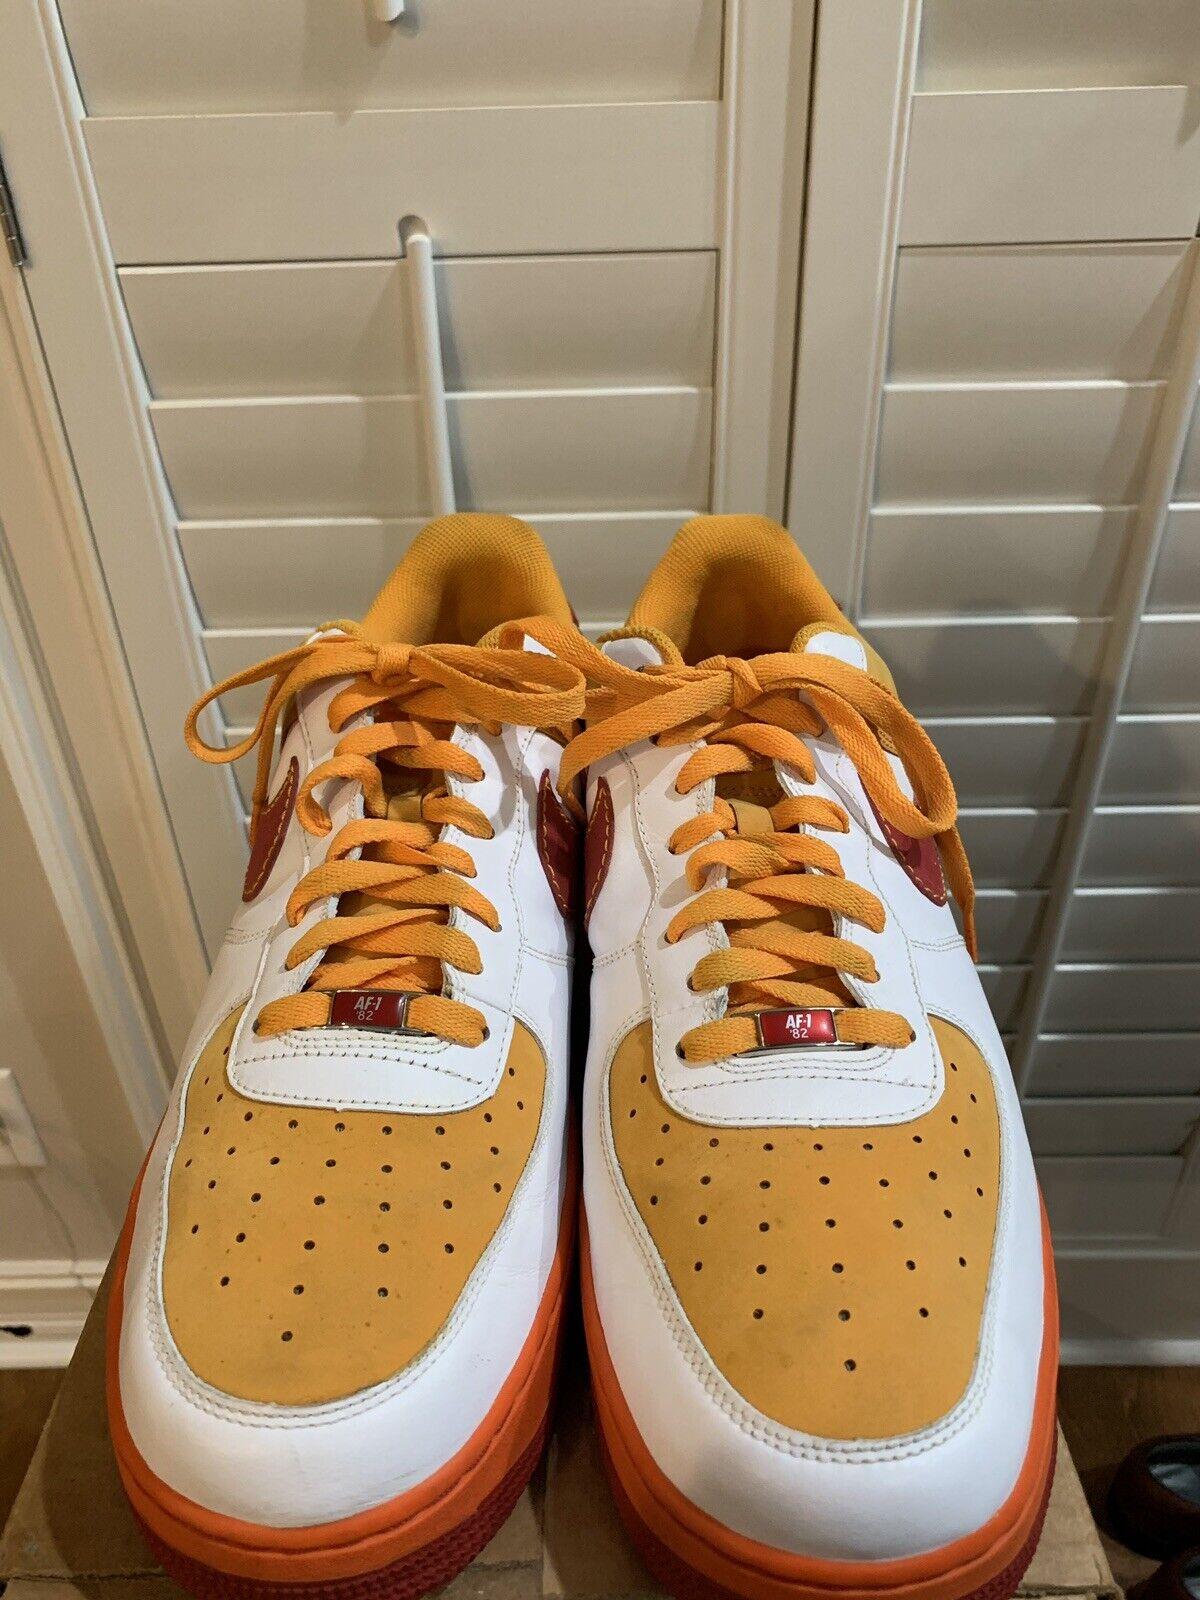 Nike AF -1 {65533;65533;;6553307 Vit Vit Vit Varesity röd orange män livräddare 65533;oss;s 315122 -161 Storlek 14  Njut av att spara 30-50% rabatt